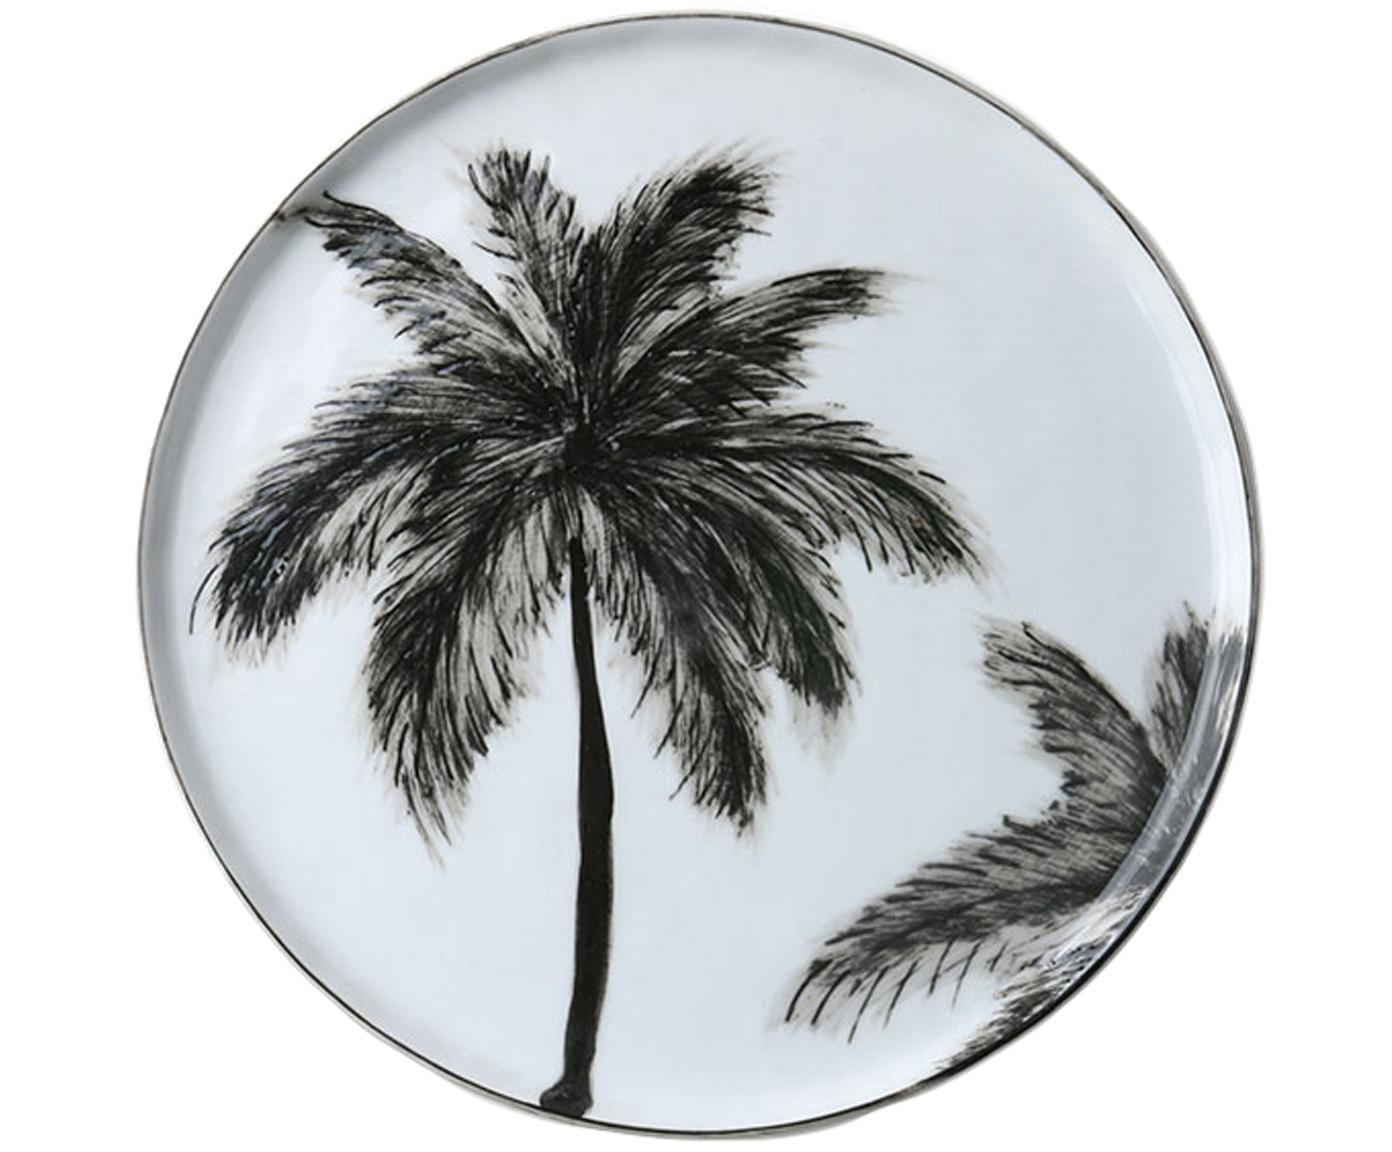 Frühstücksteller Palms, 2 Stück, Porzellan, Schwarz, Weiß, Ø 22 cm